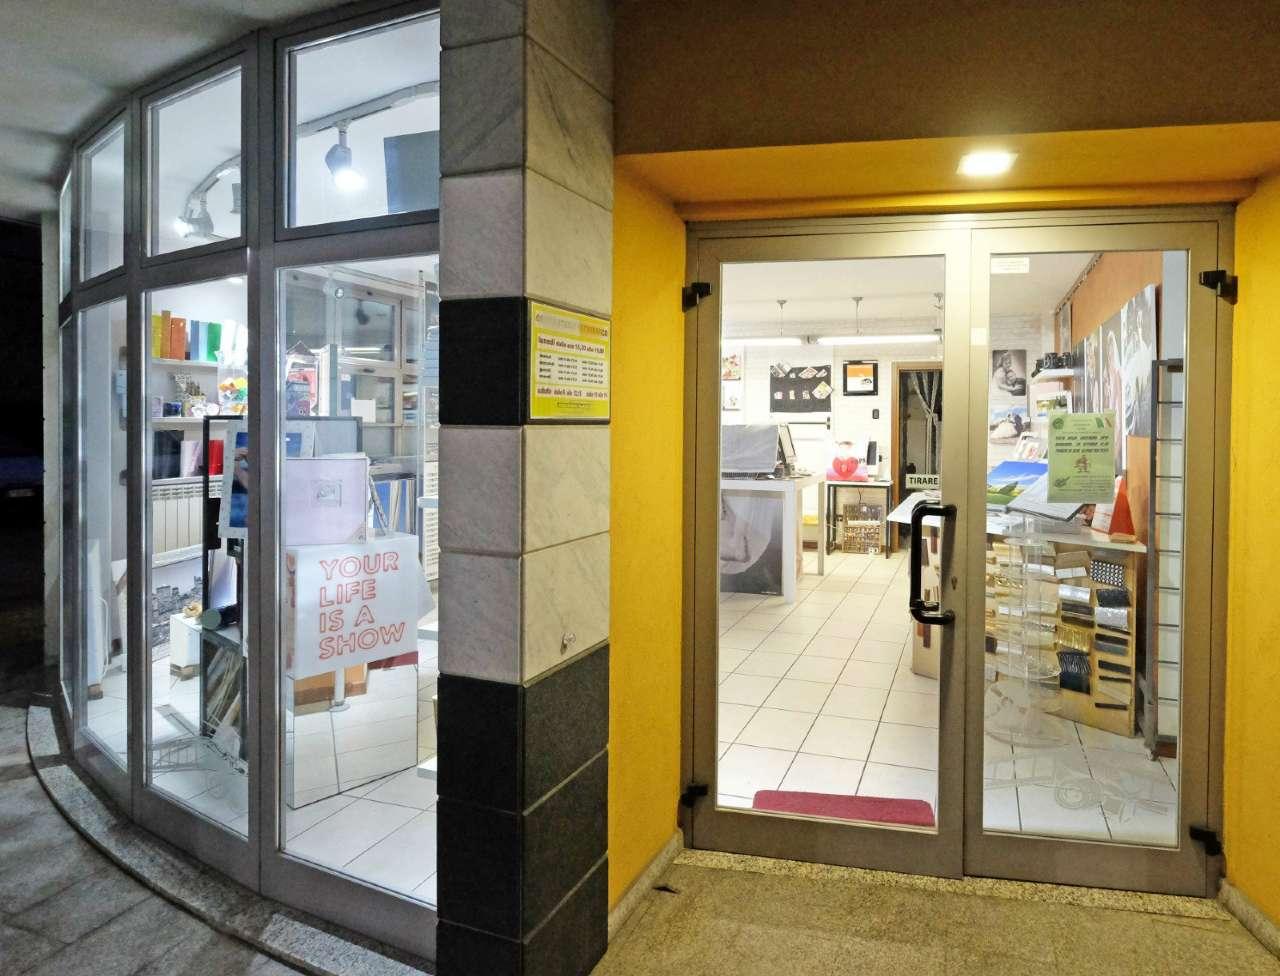 Negozio / Locale in vendita a Terno d'Isola, 2 locali, prezzo € 64.000 | PortaleAgenzieImmobiliari.it